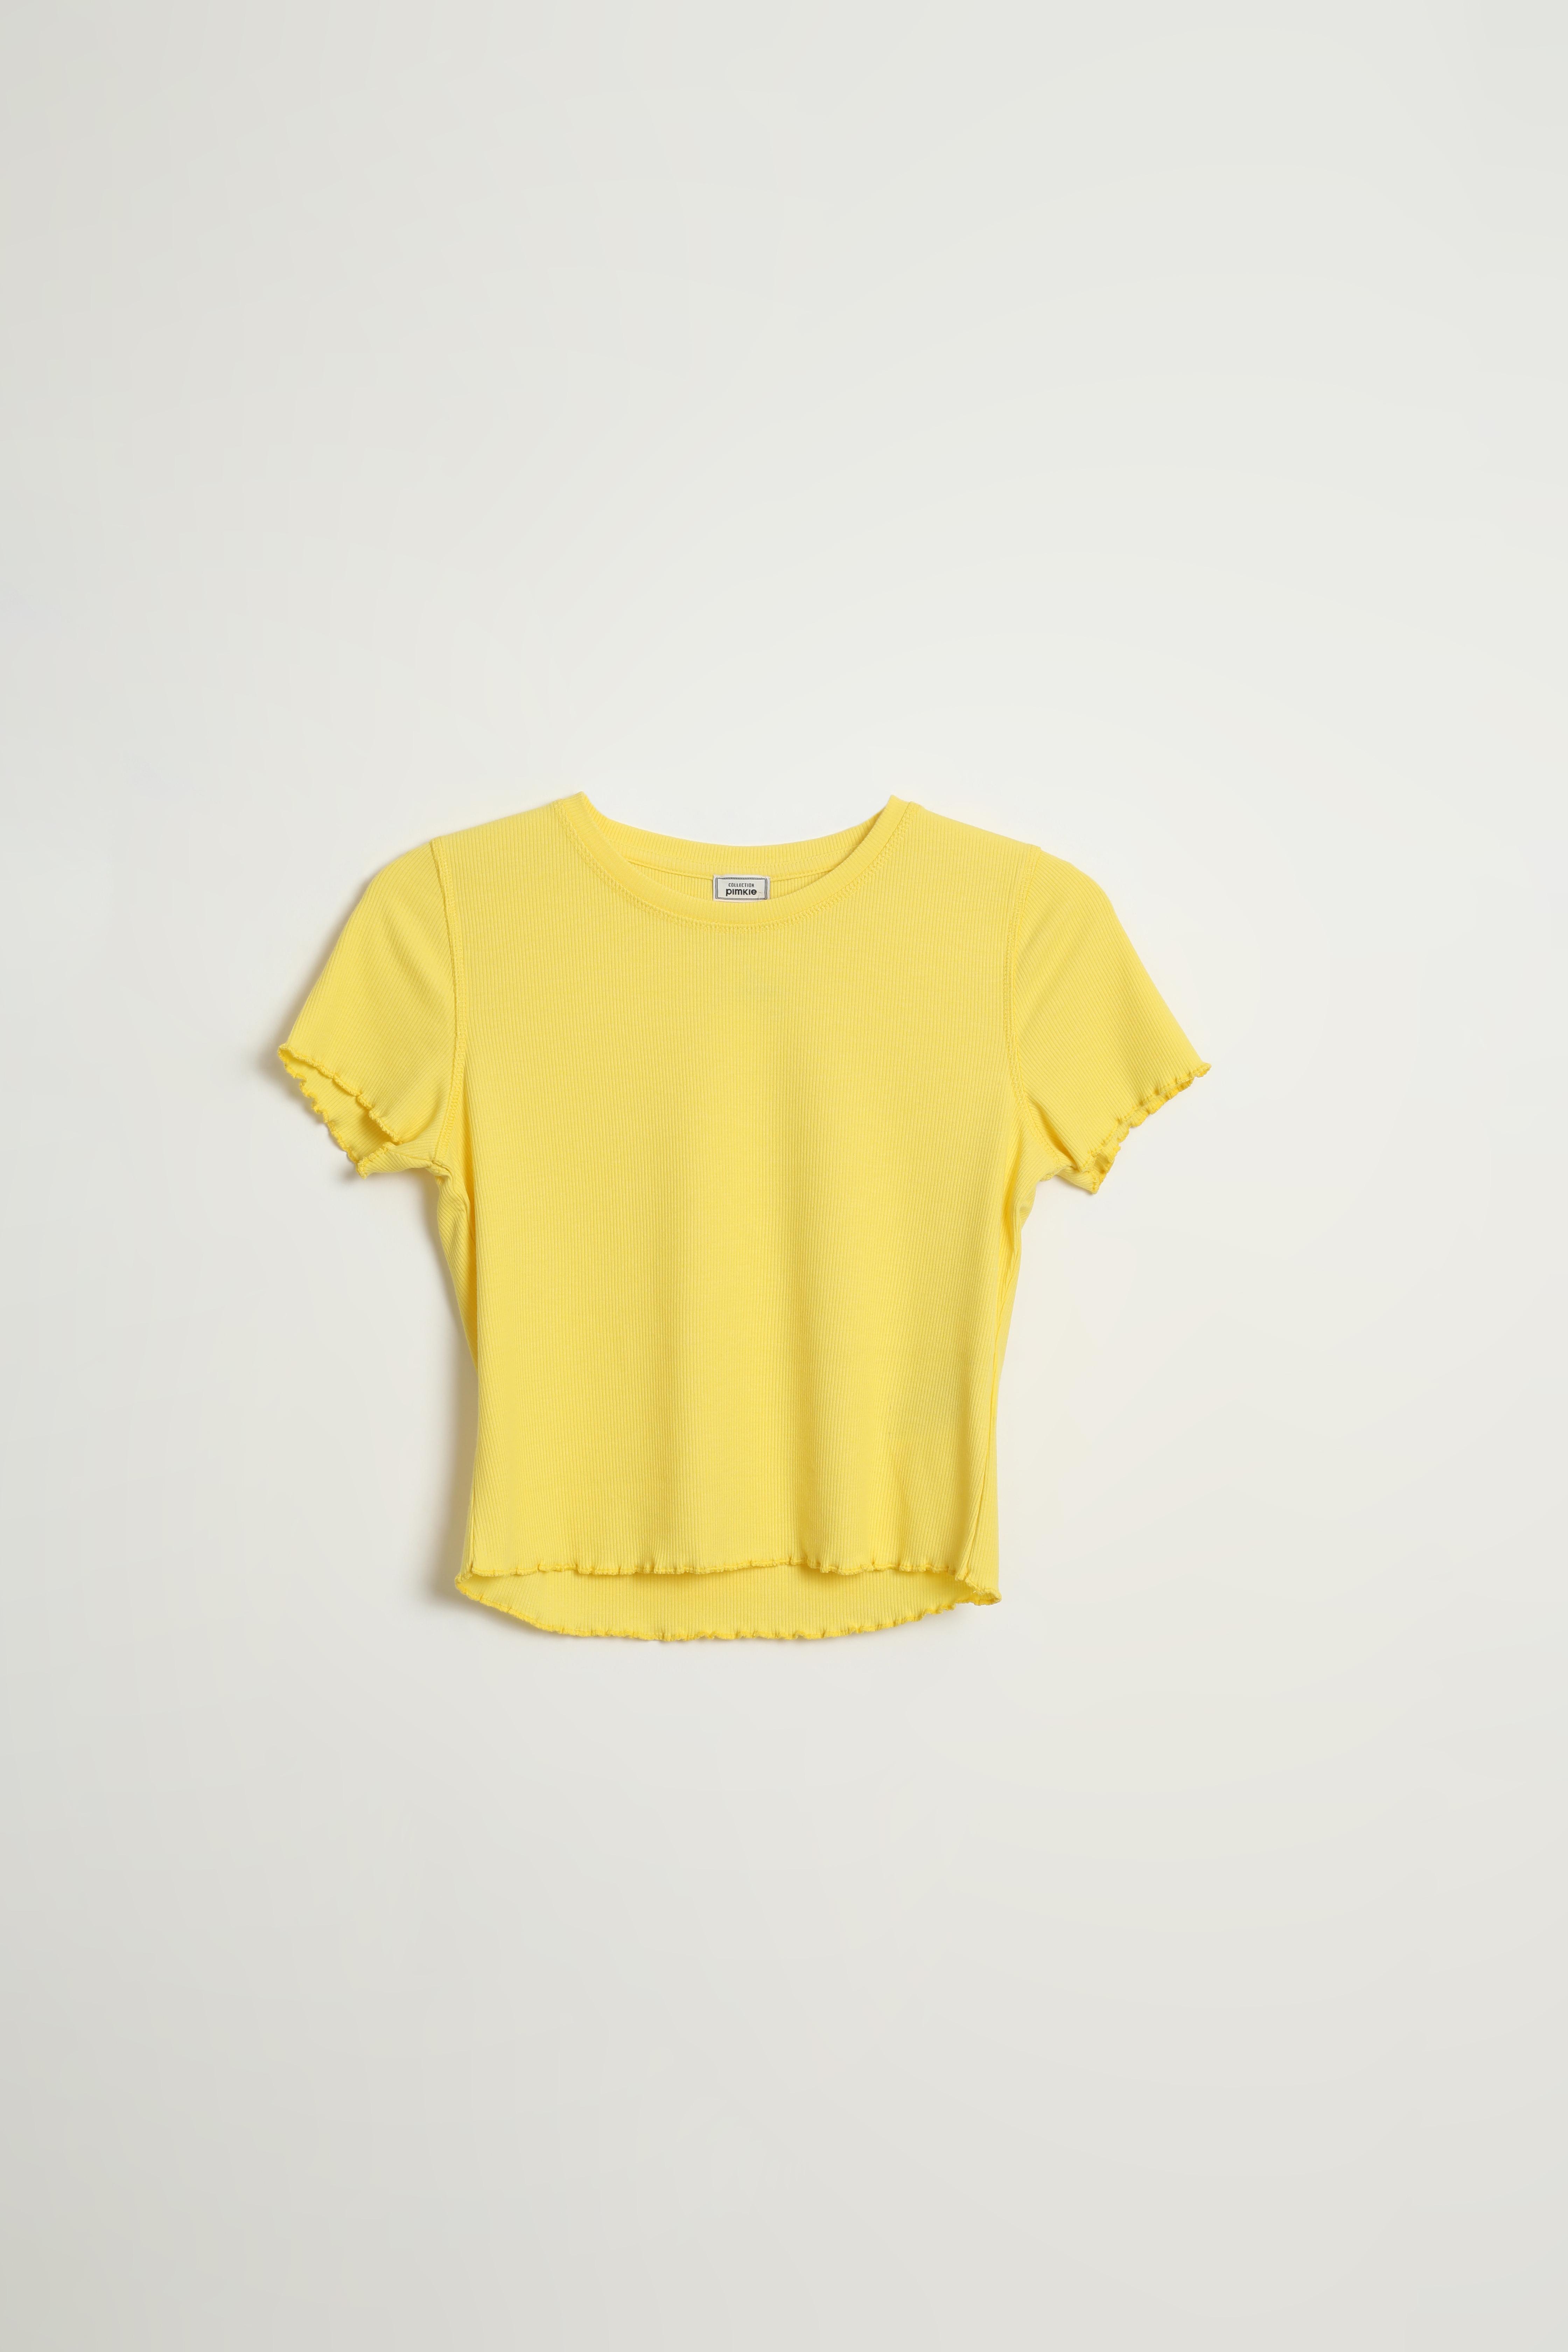 T-shirt roulotté jaune - Pimkie